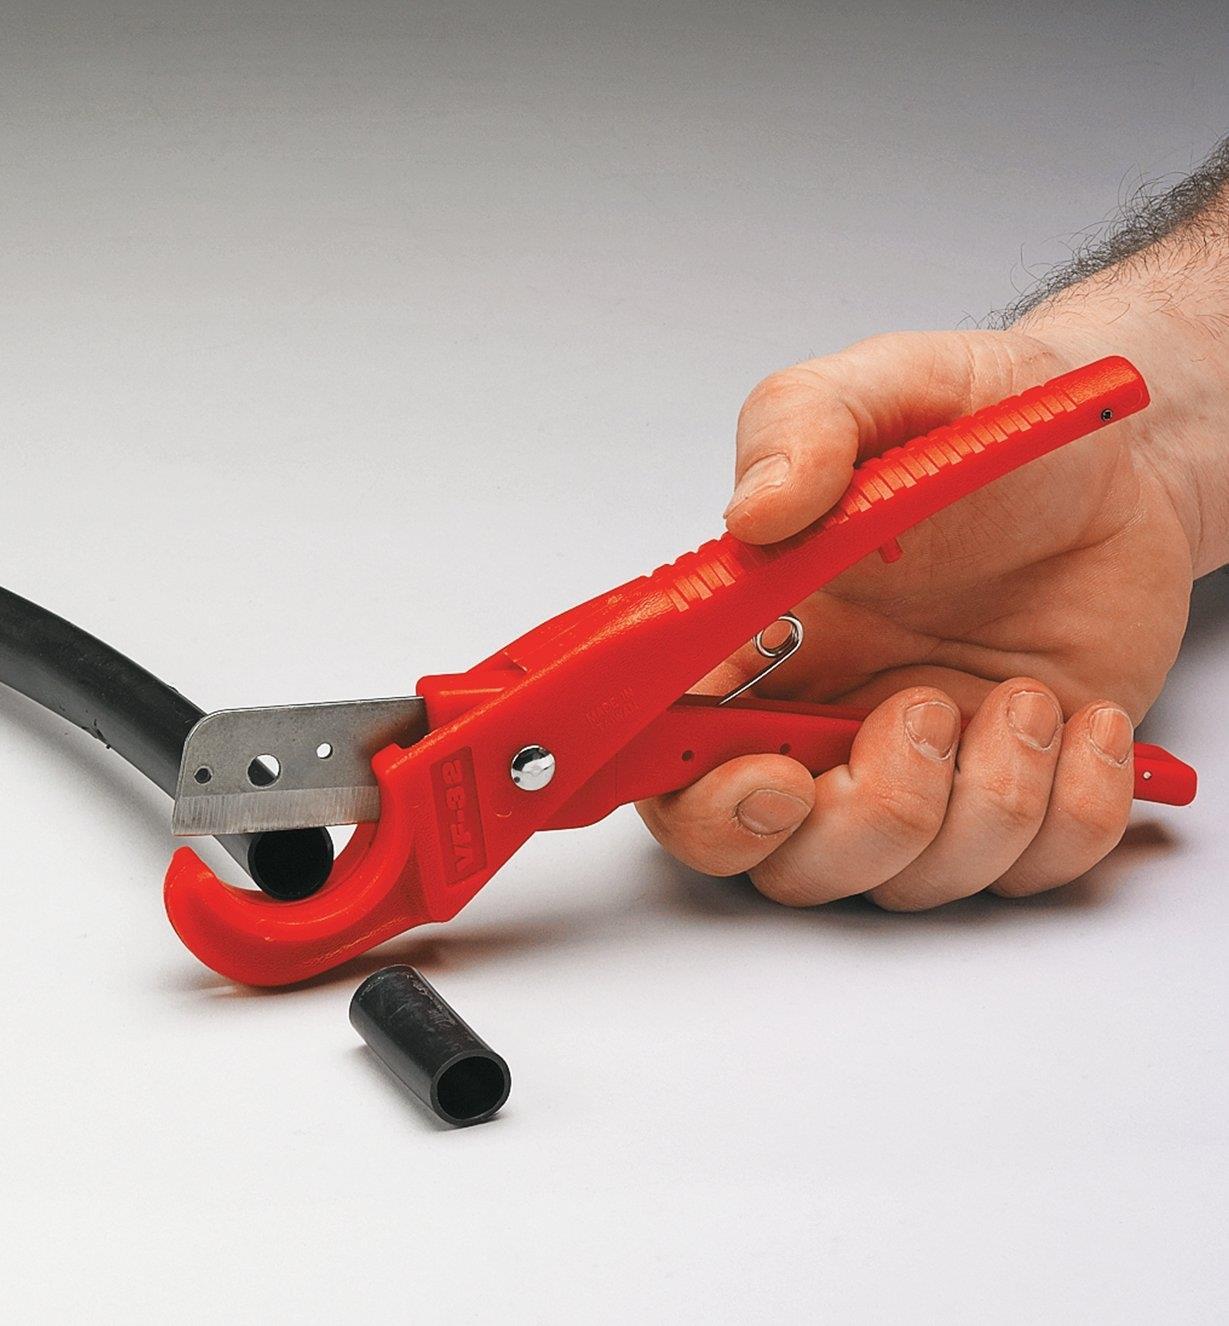 XC261 - Tubing Cutter, each